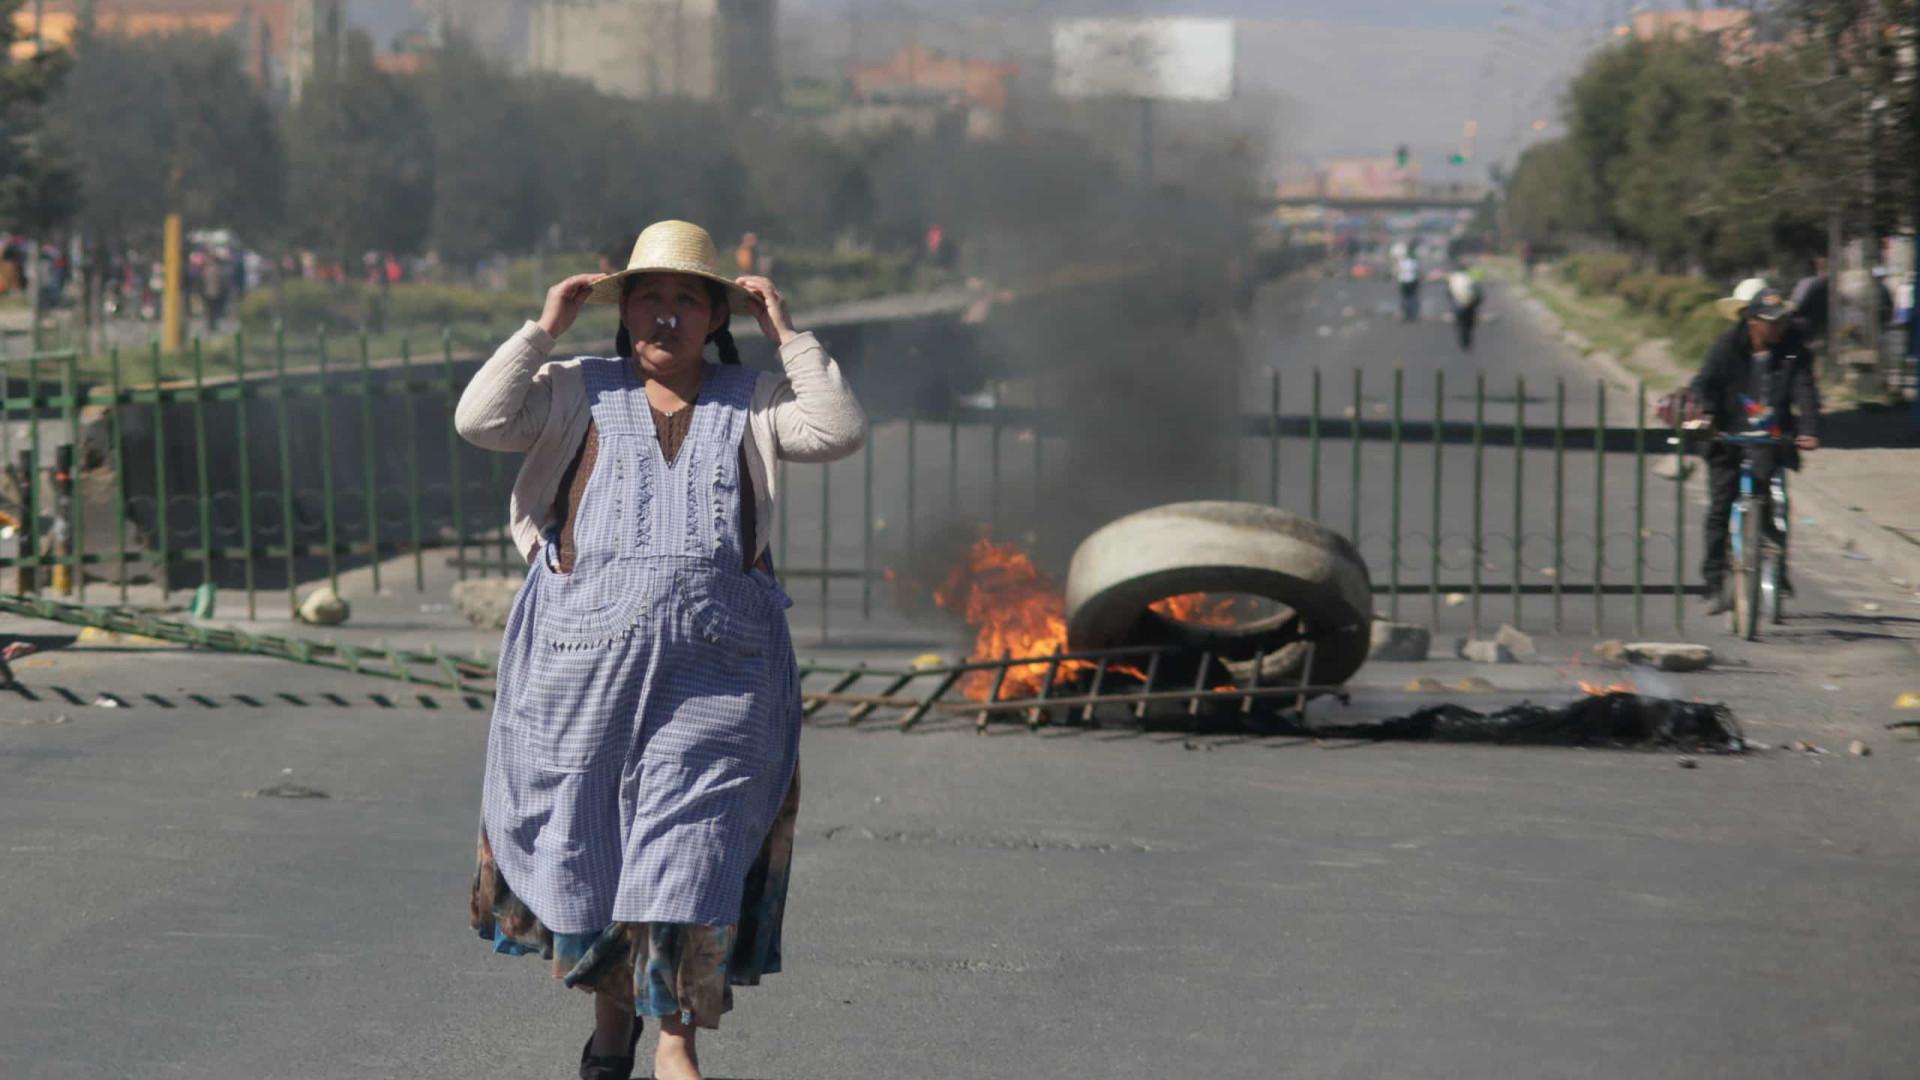 Bolívia (também) está a 'ferro e fogo'. Imagens mostram violência